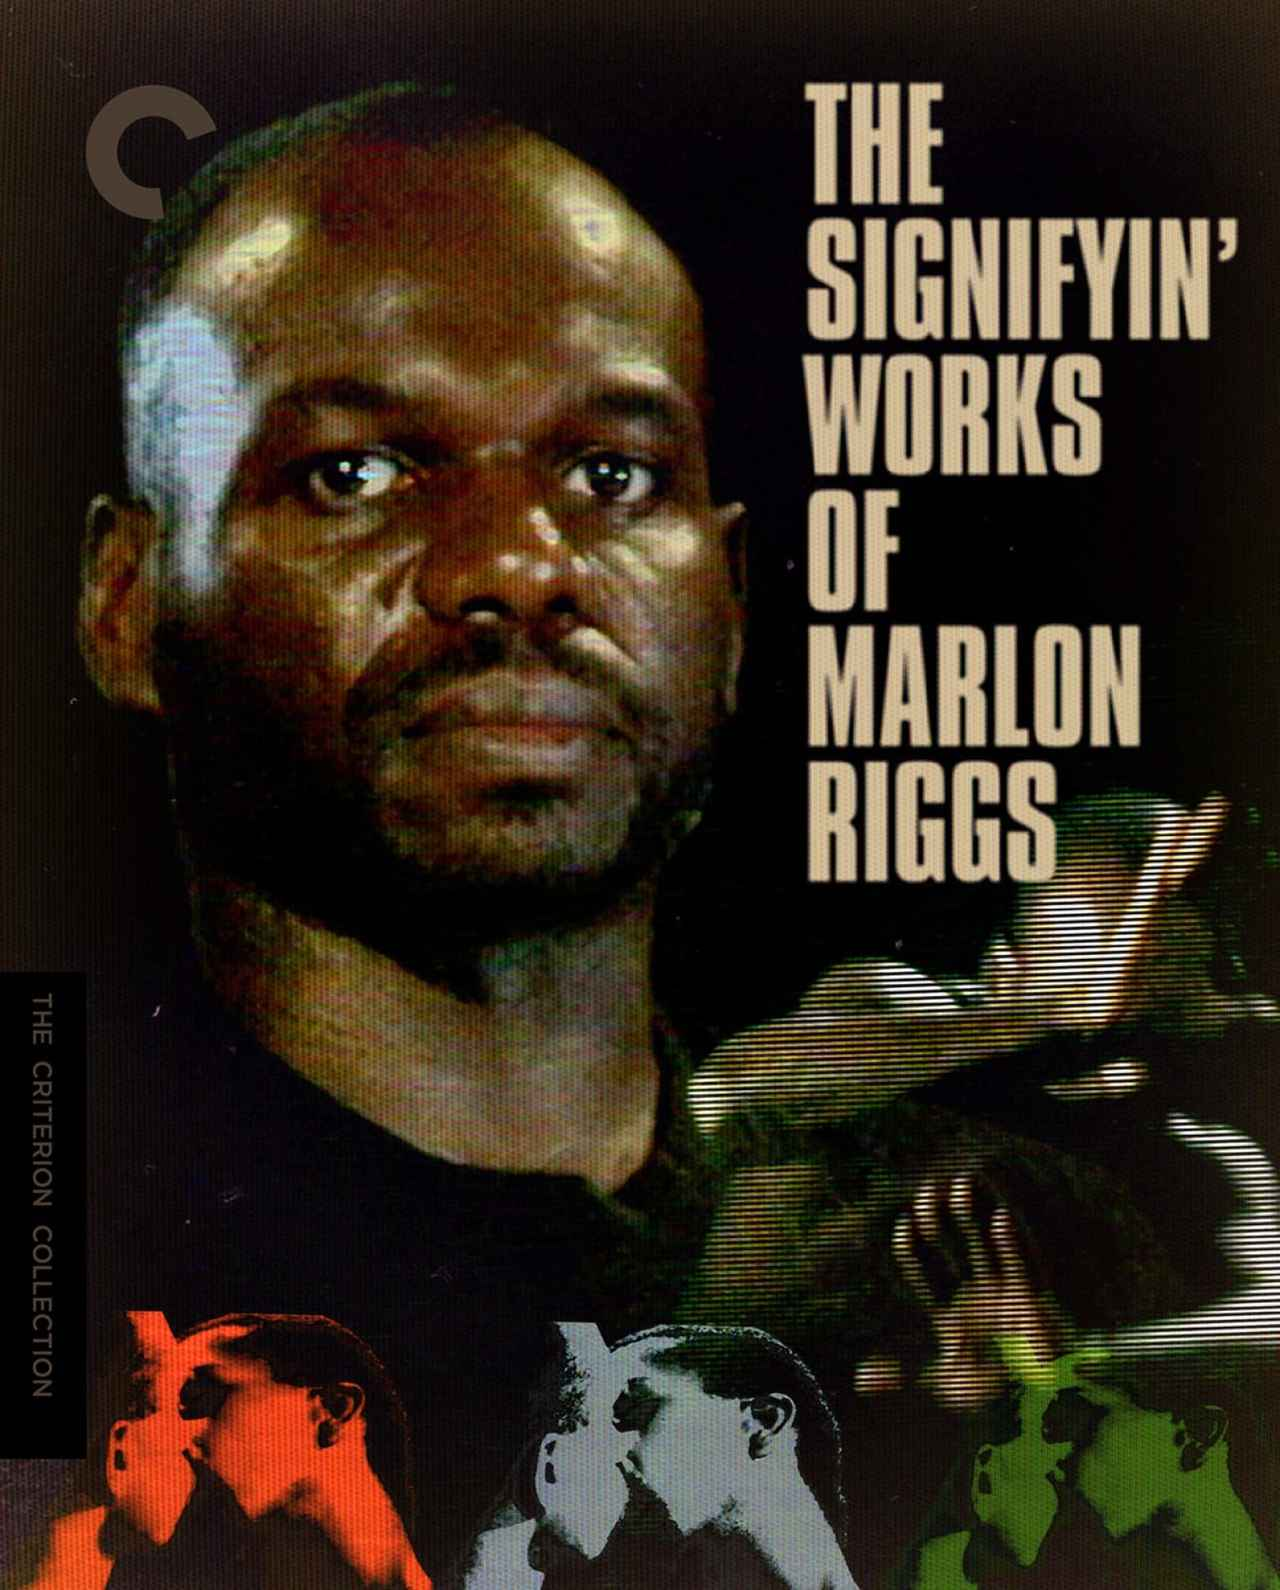 画像: THE SIGNIFYIN' WORKS OF MARLON RIGGS 6月22日リリース 1986年 - 1996年/監督 マーロン・リッグス アメリカの教育者、詩人、そして同性愛者の権利活動家でもある映像作家マーティン・リッグスの作品集。エイズ危機以降のアメリカ黒人ゲイ・コミュニティを捉えた7作品を所収。 New high-definition digital masters of all seven films, with uncompressed stereo soundtracks